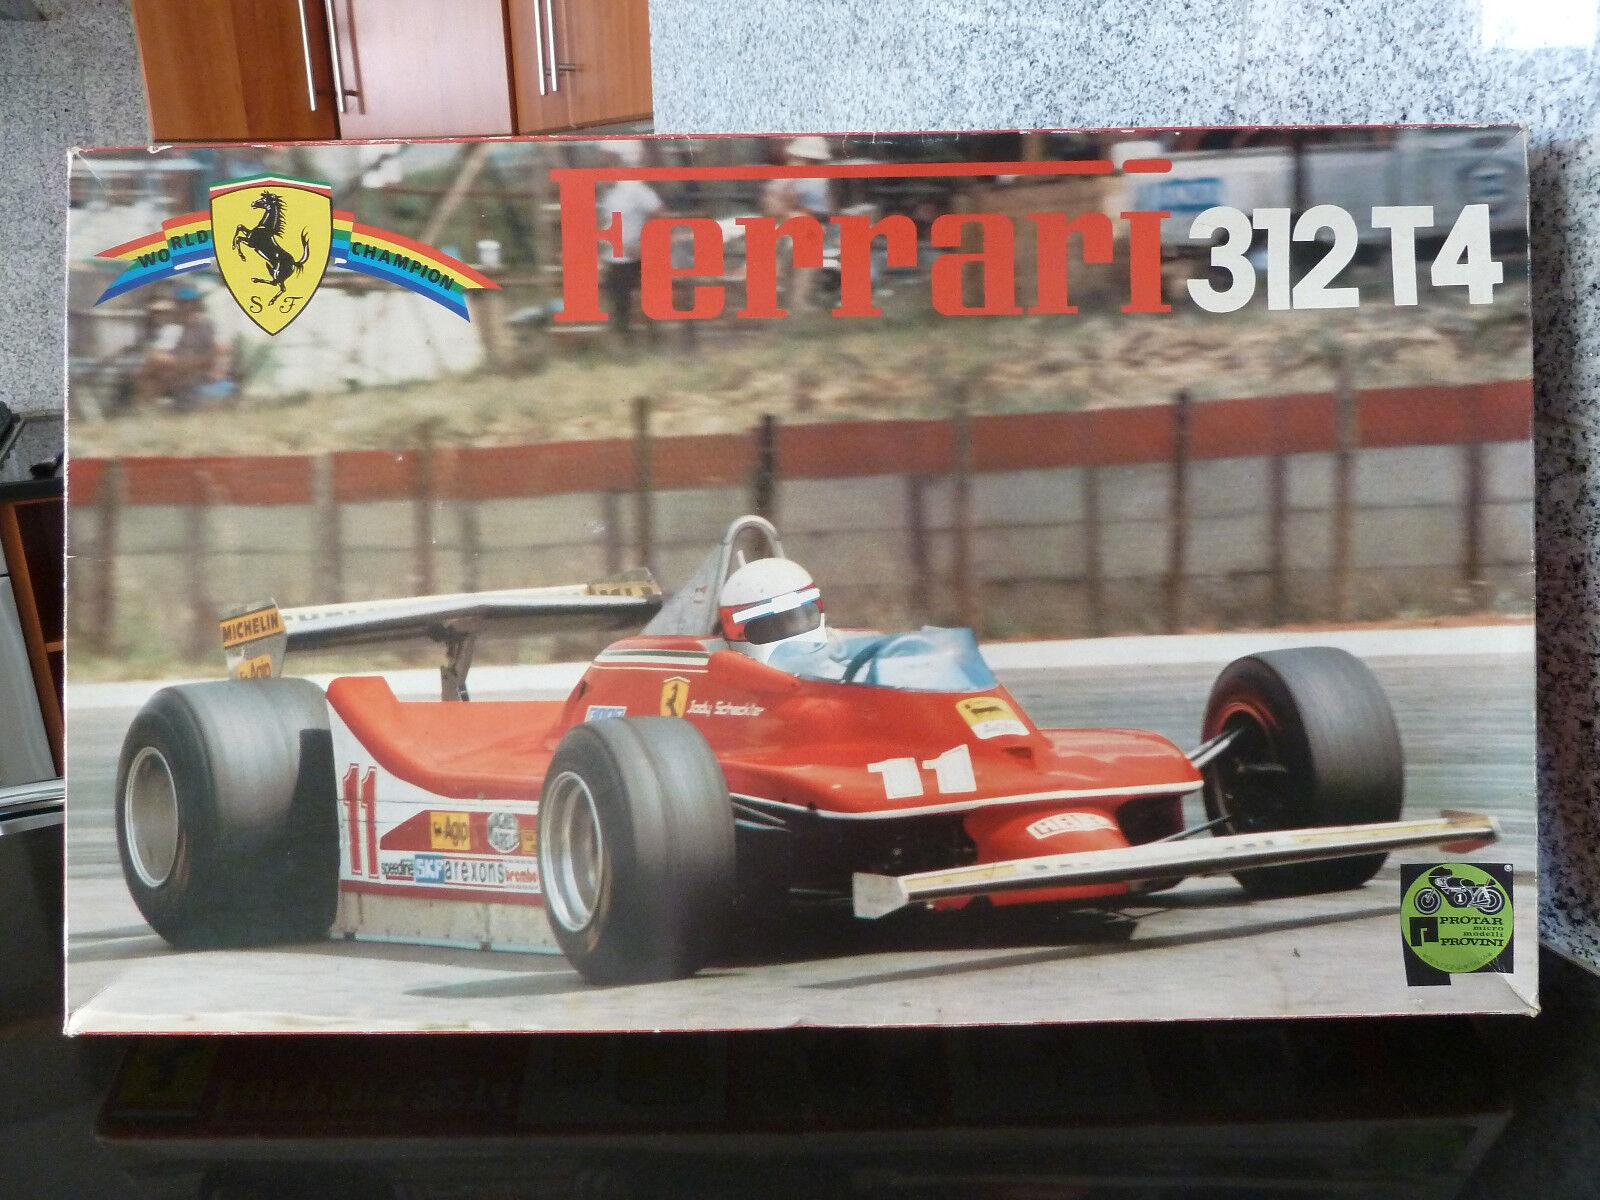 prendiamo i clienti come nostro dio 1 12 ProssoAR, Ferrari 312 t4 t4 t4 (not Tamiya)  vendita online risparmia il 70%